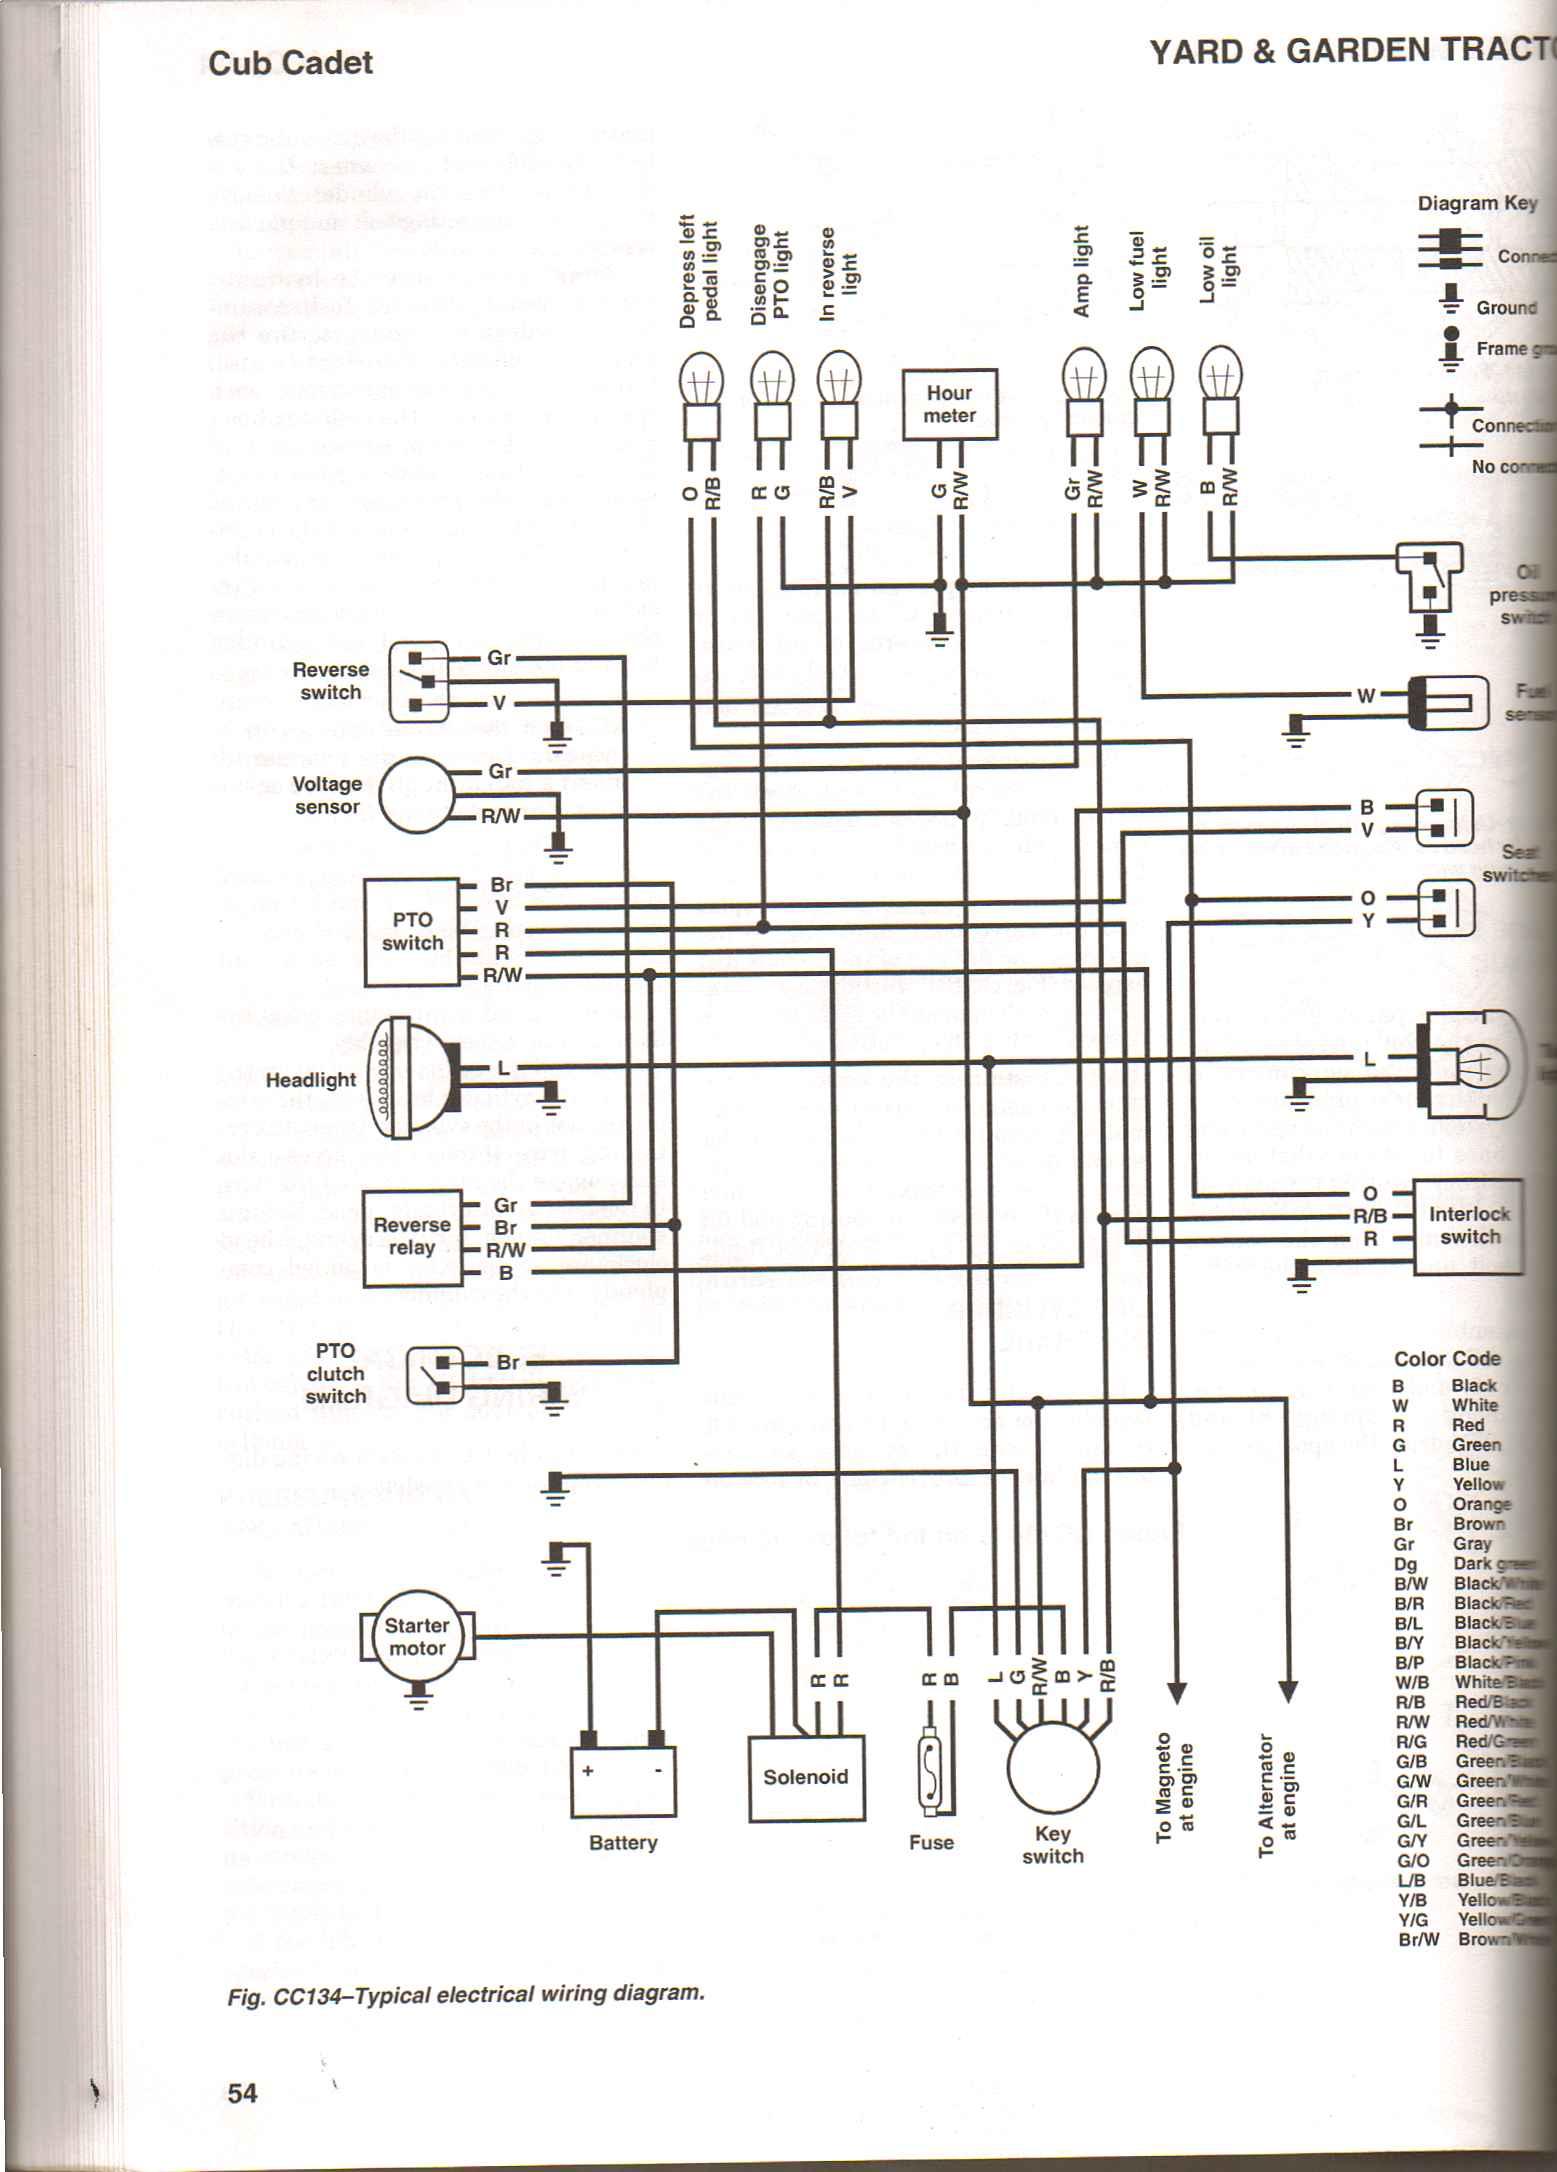 cub cadet slt1550 wiring diagram - wiring diagram schematic 2007 cub cadet lt1050 wiring diagram  12mr-anitra.de